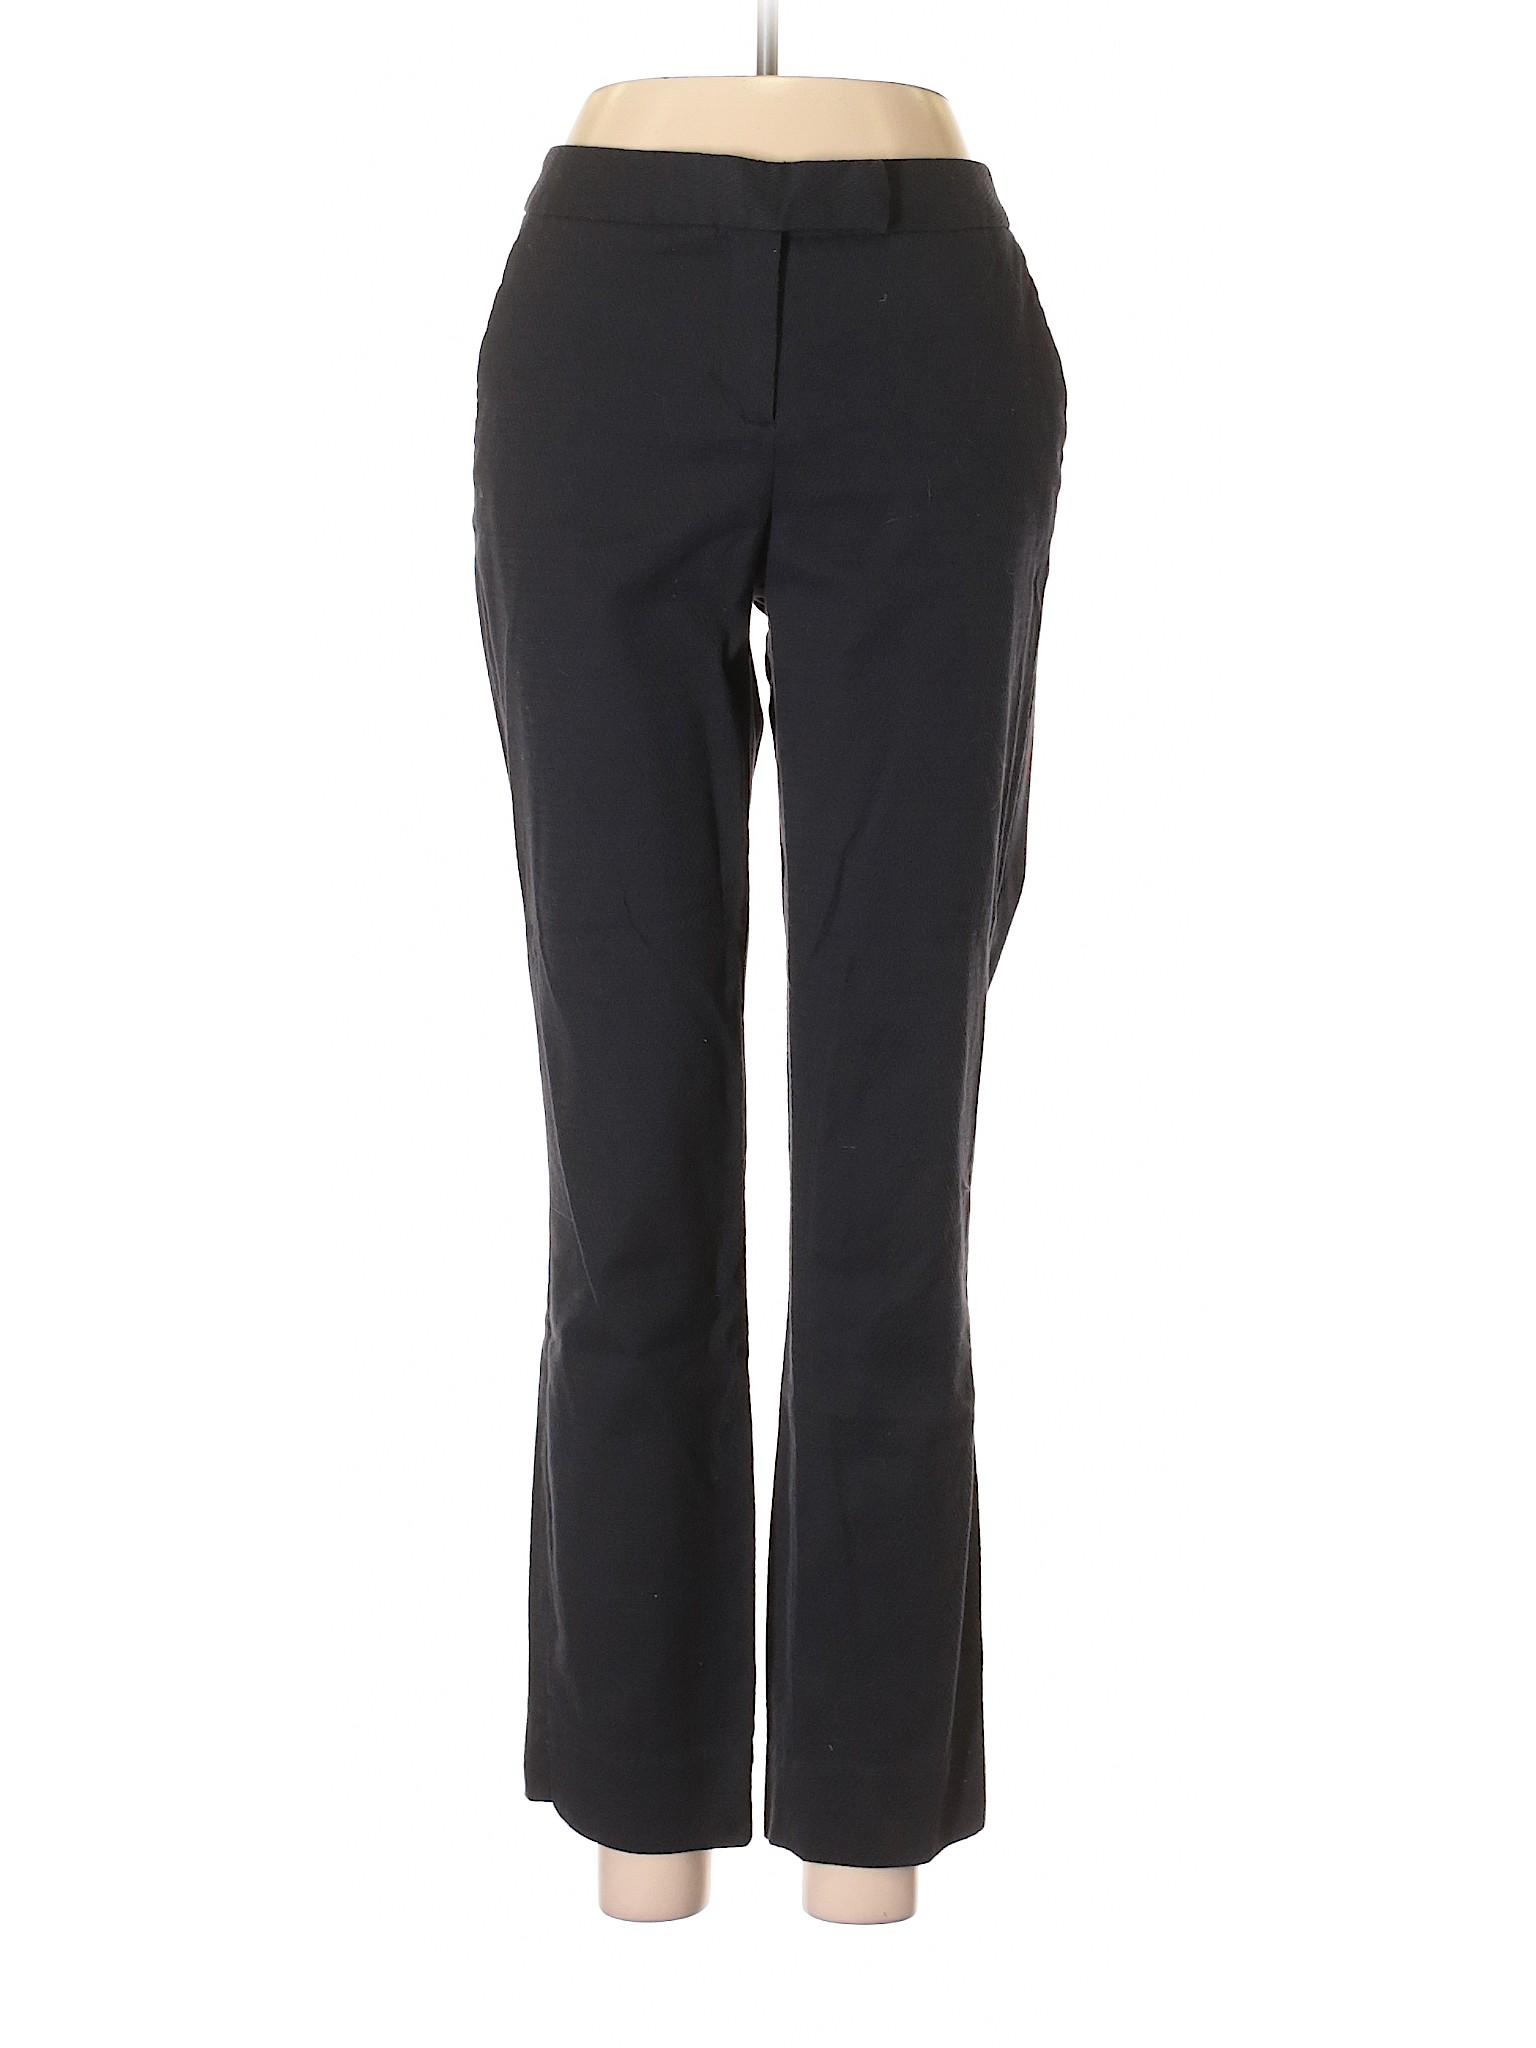 for Leisure winter J Maxx Pants T Cynthia Dress Rowley Btqfp4rgq